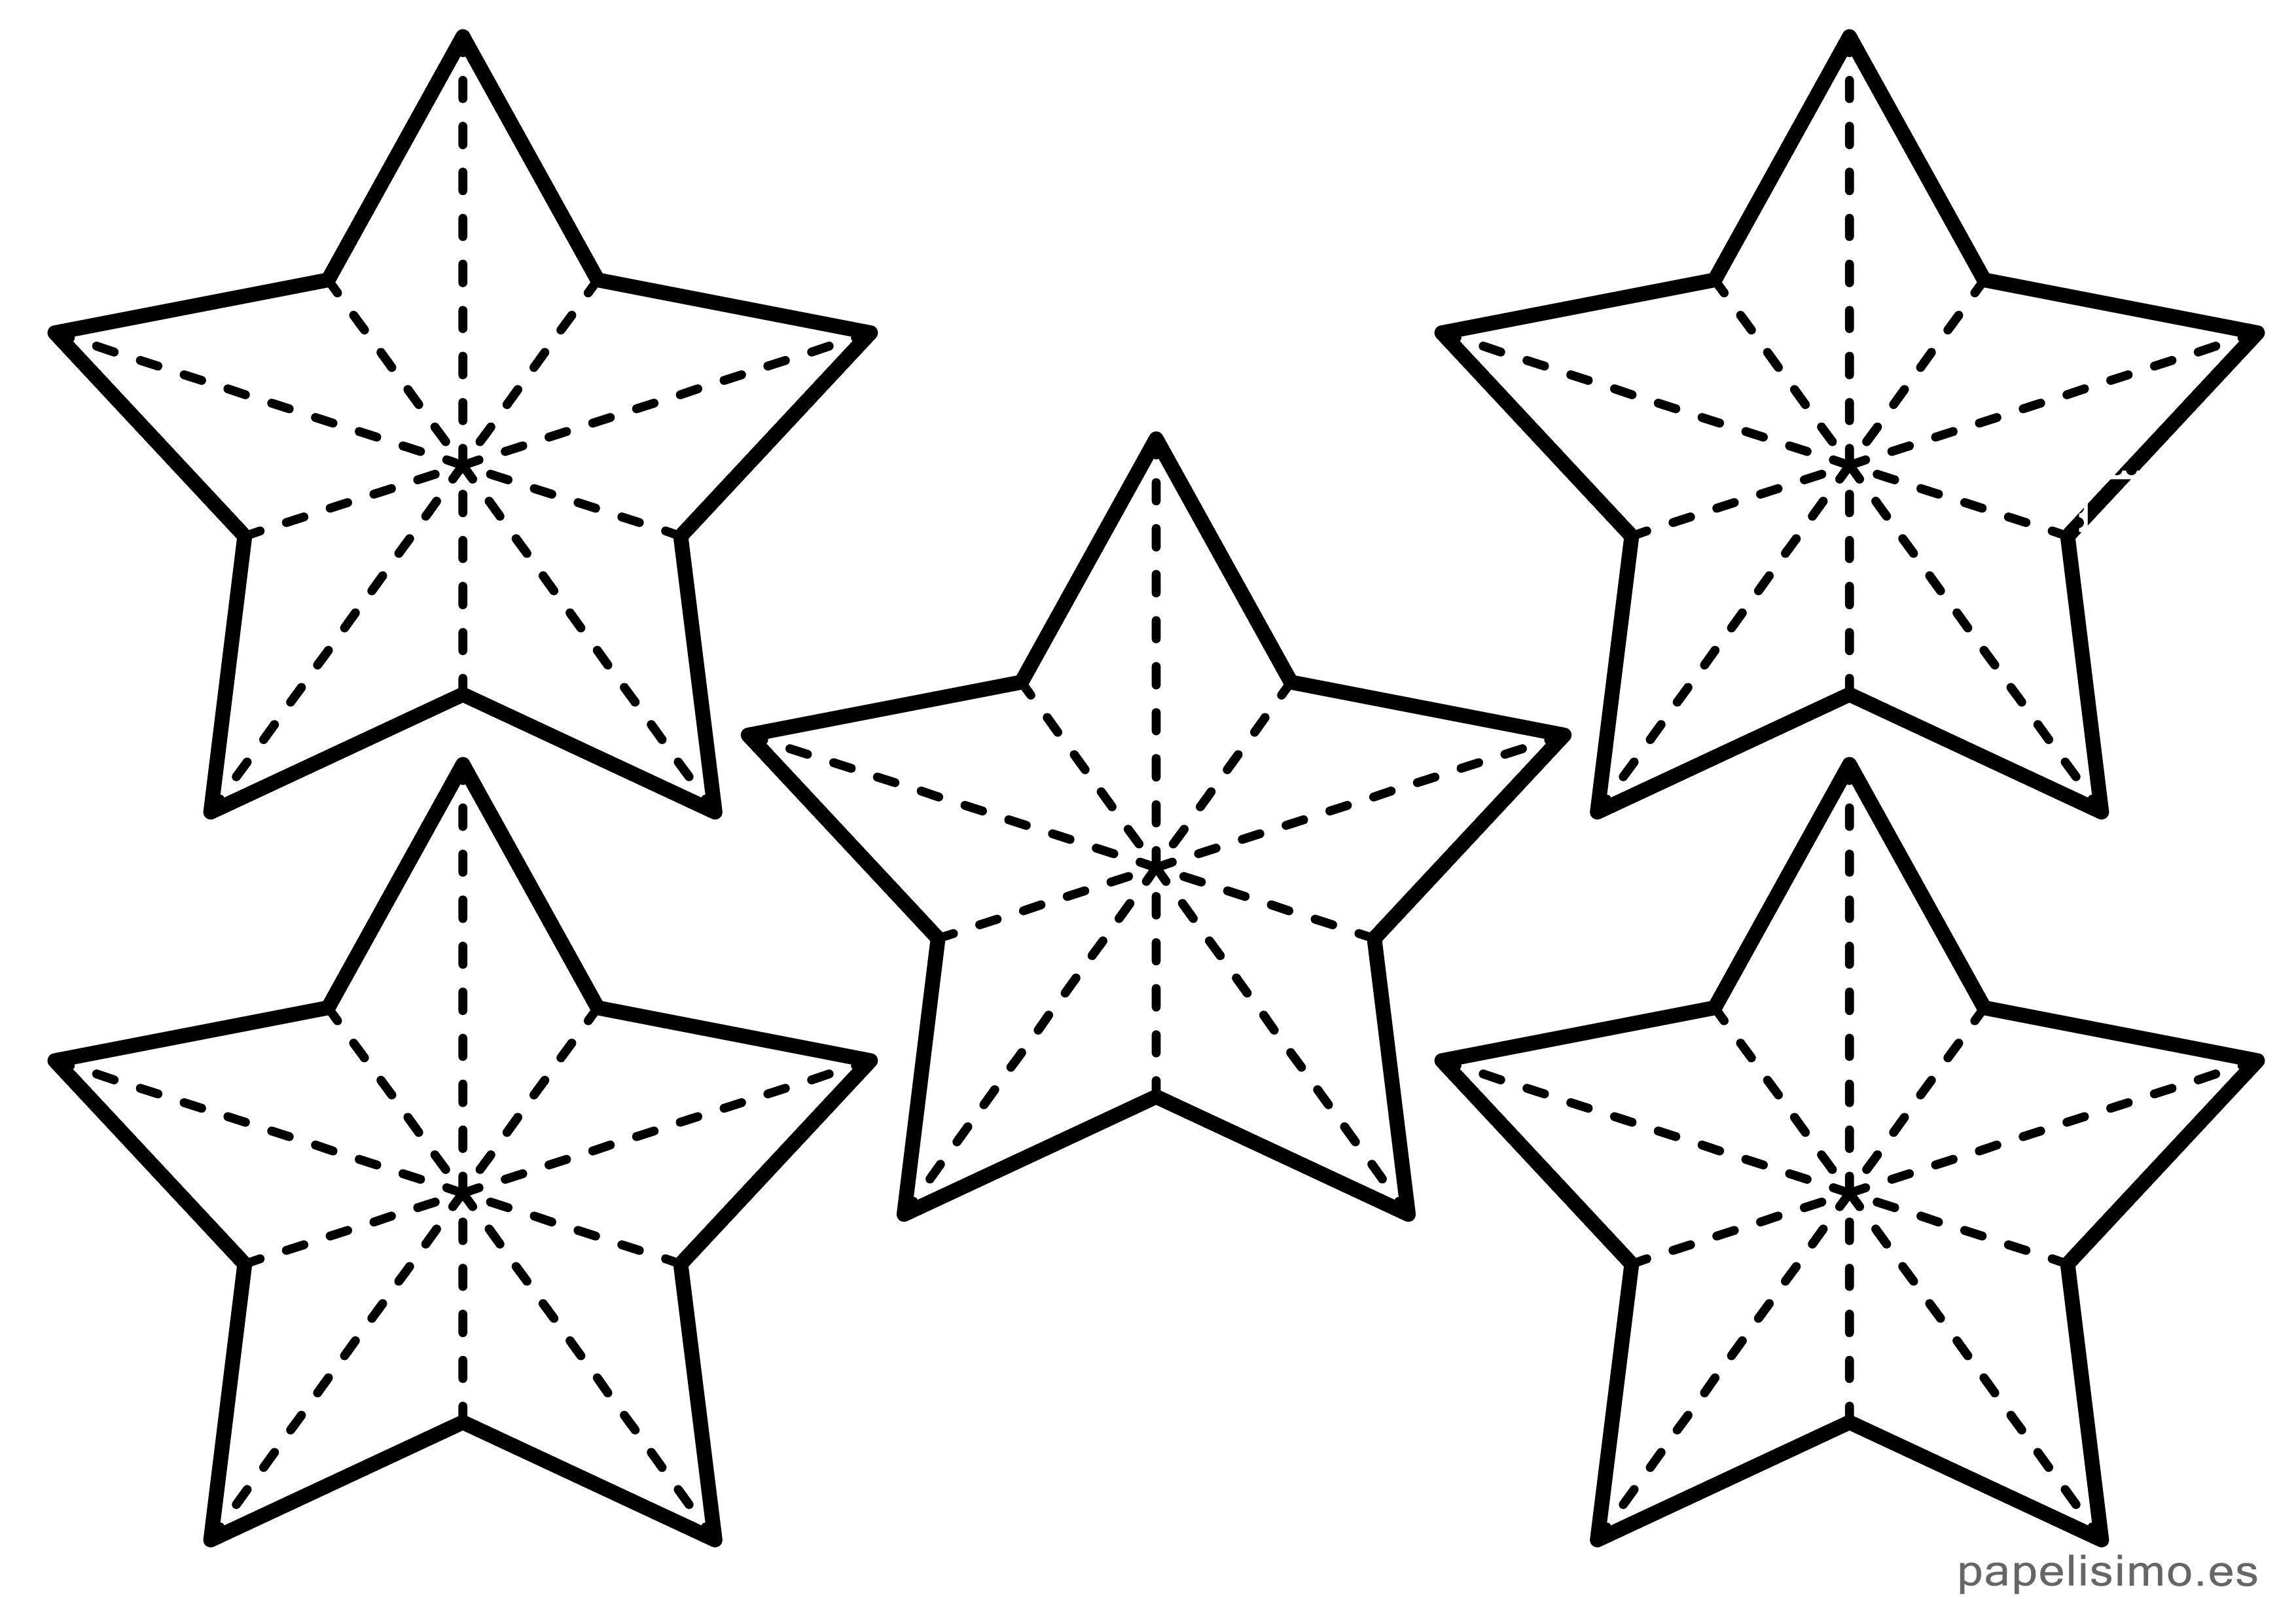 plantilla-estrellas-cinco-puntas-navidad-varias-pequenas | navidad ...